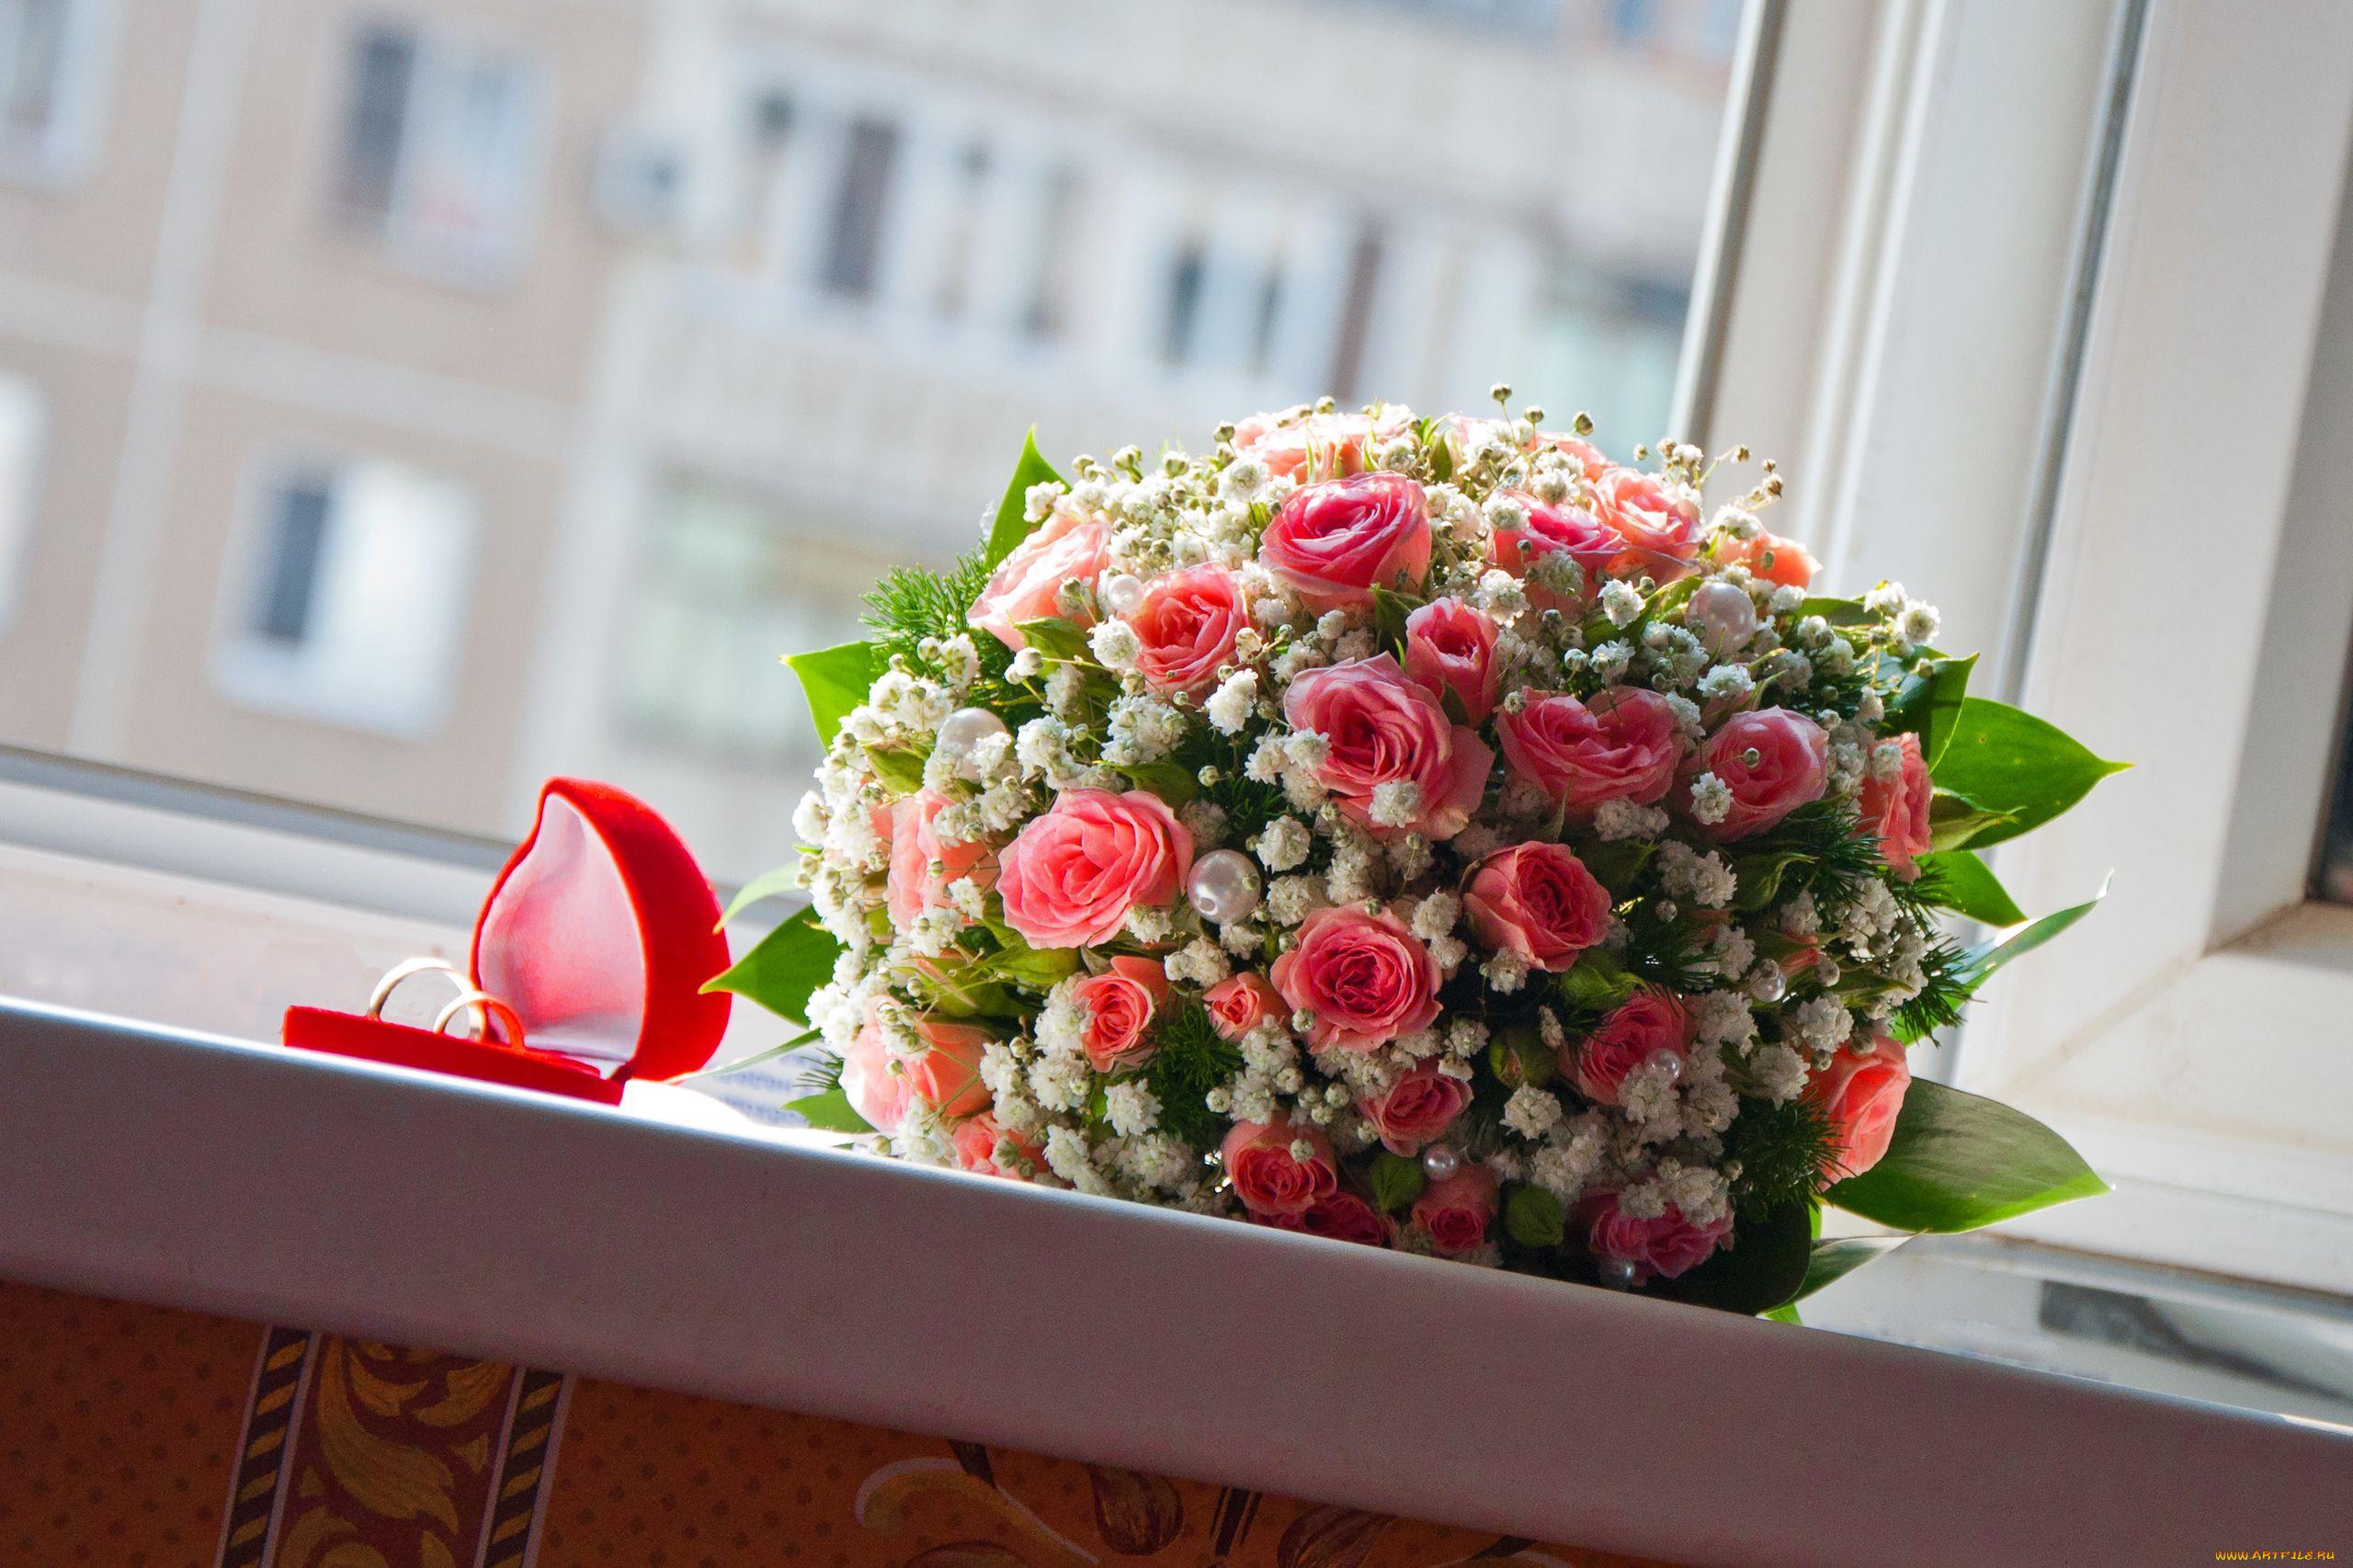 фото букет цветов на столе простой способ